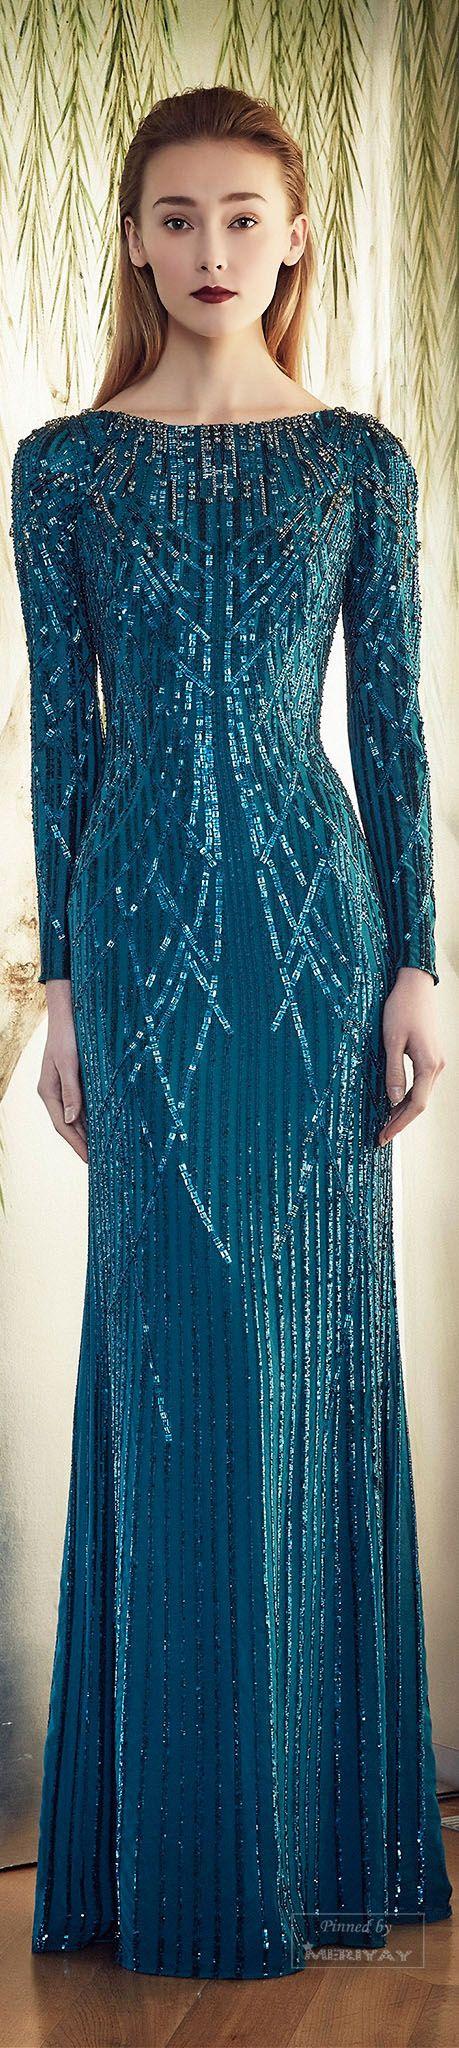 best glamorous gowns images on pinterest long dresses elegant